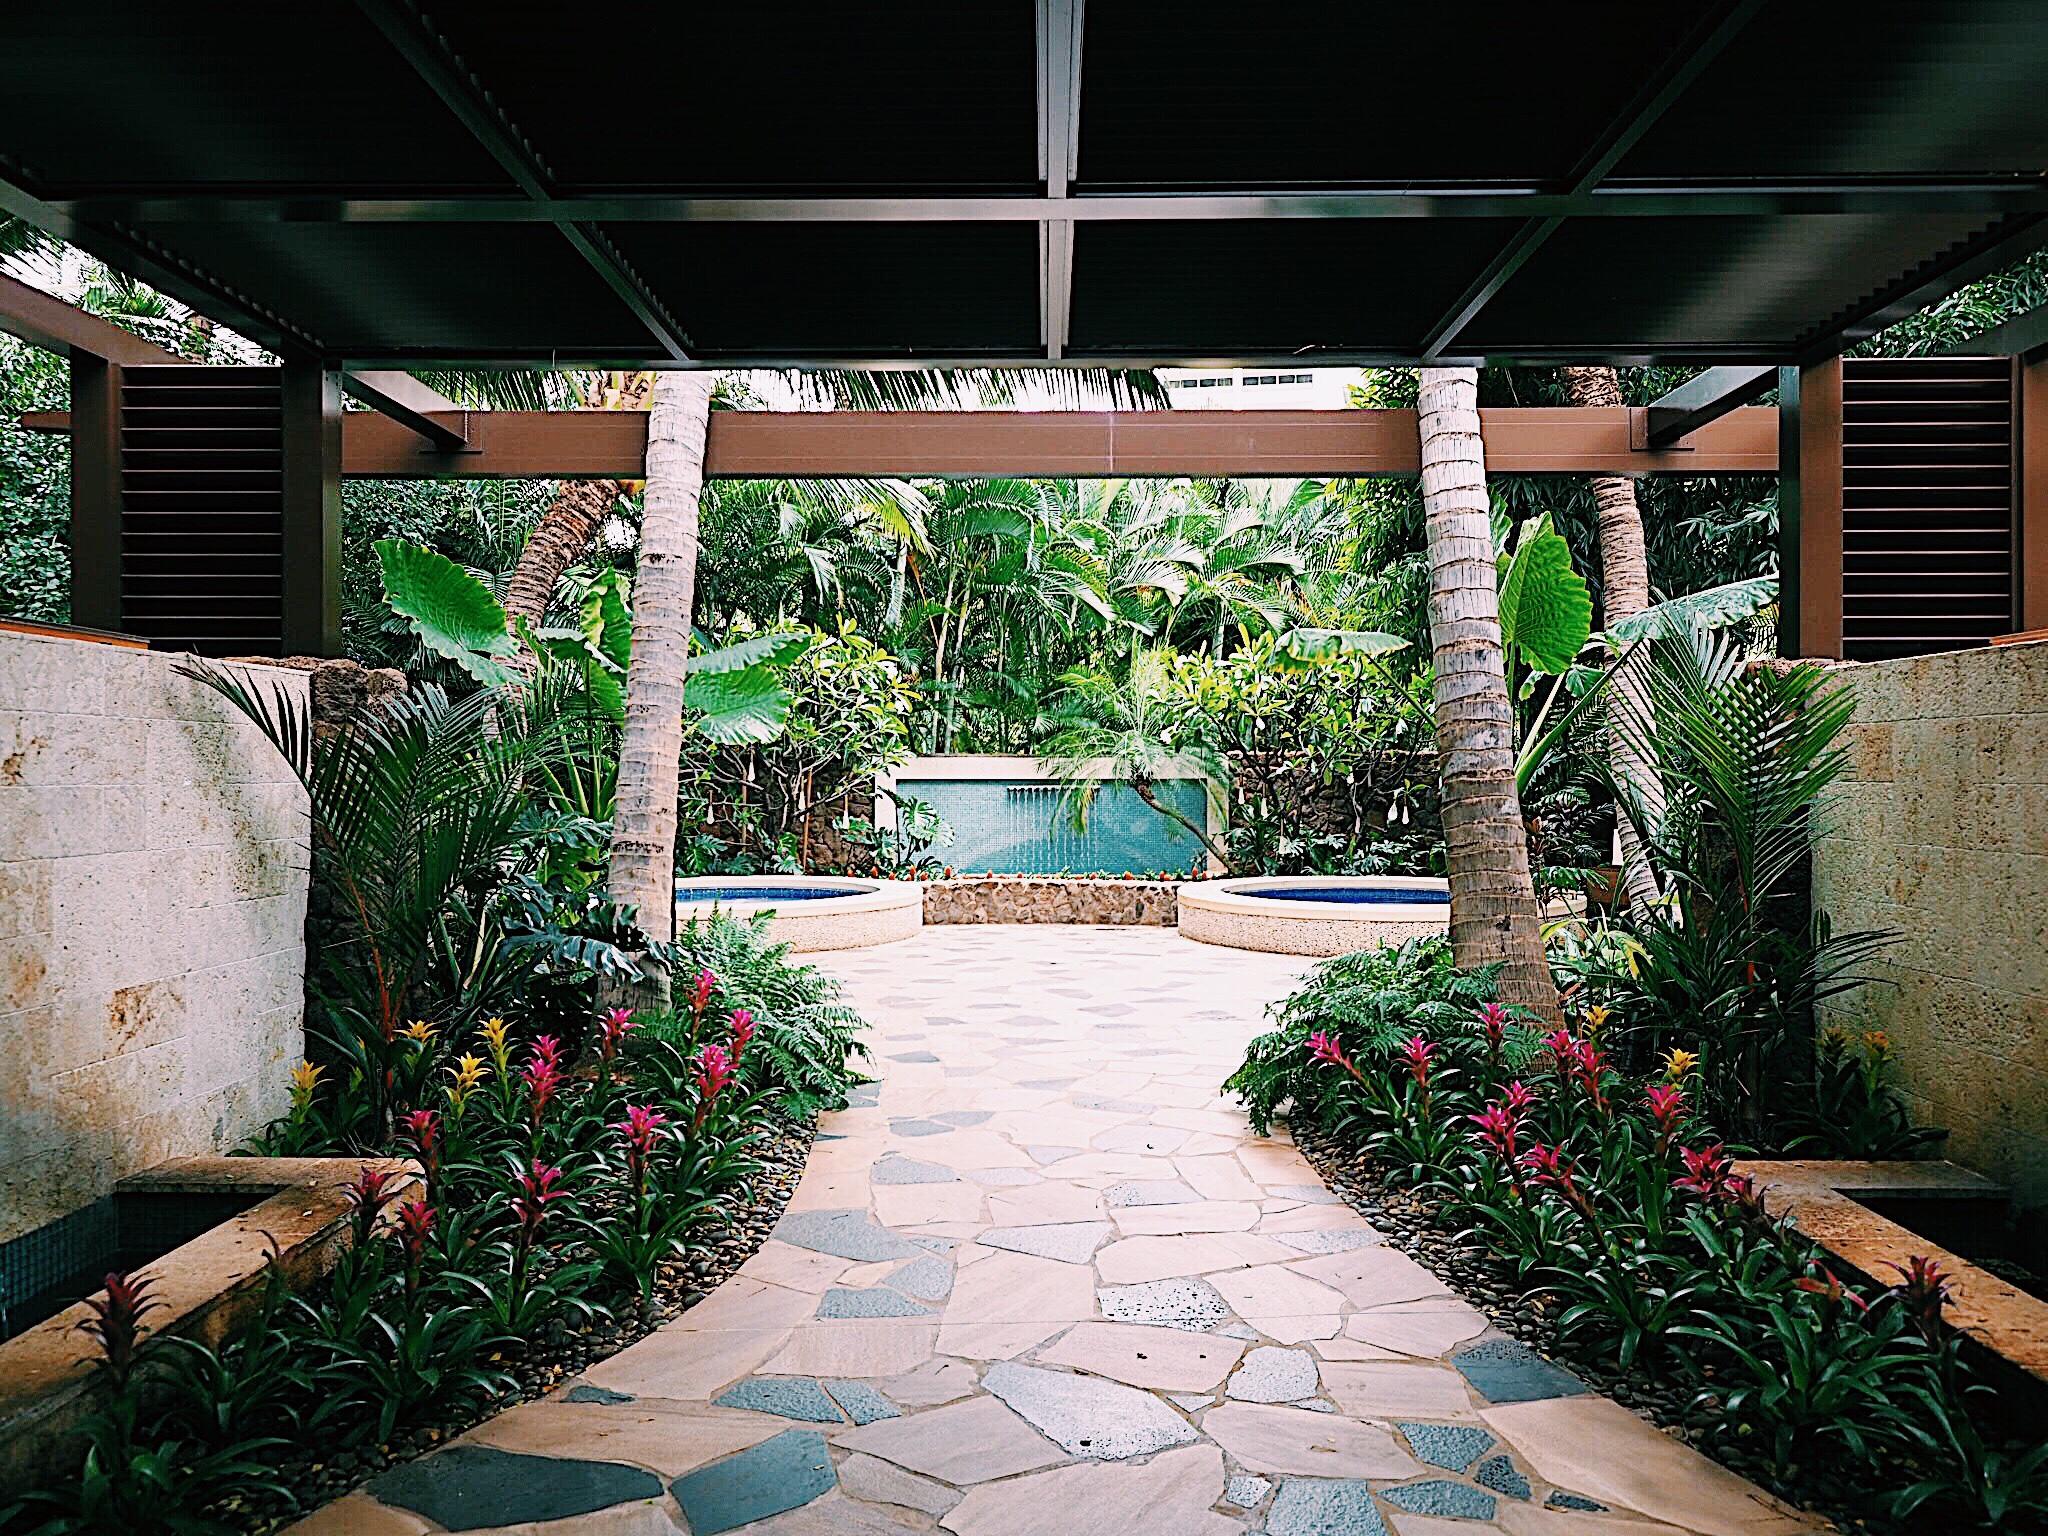 682af26c 5c88 4ded ade9 32f38ae662e3 - Aulani, A Disney Resort & Spa  -  大人だけの空間 LANIWAI SPAでの至福の時間